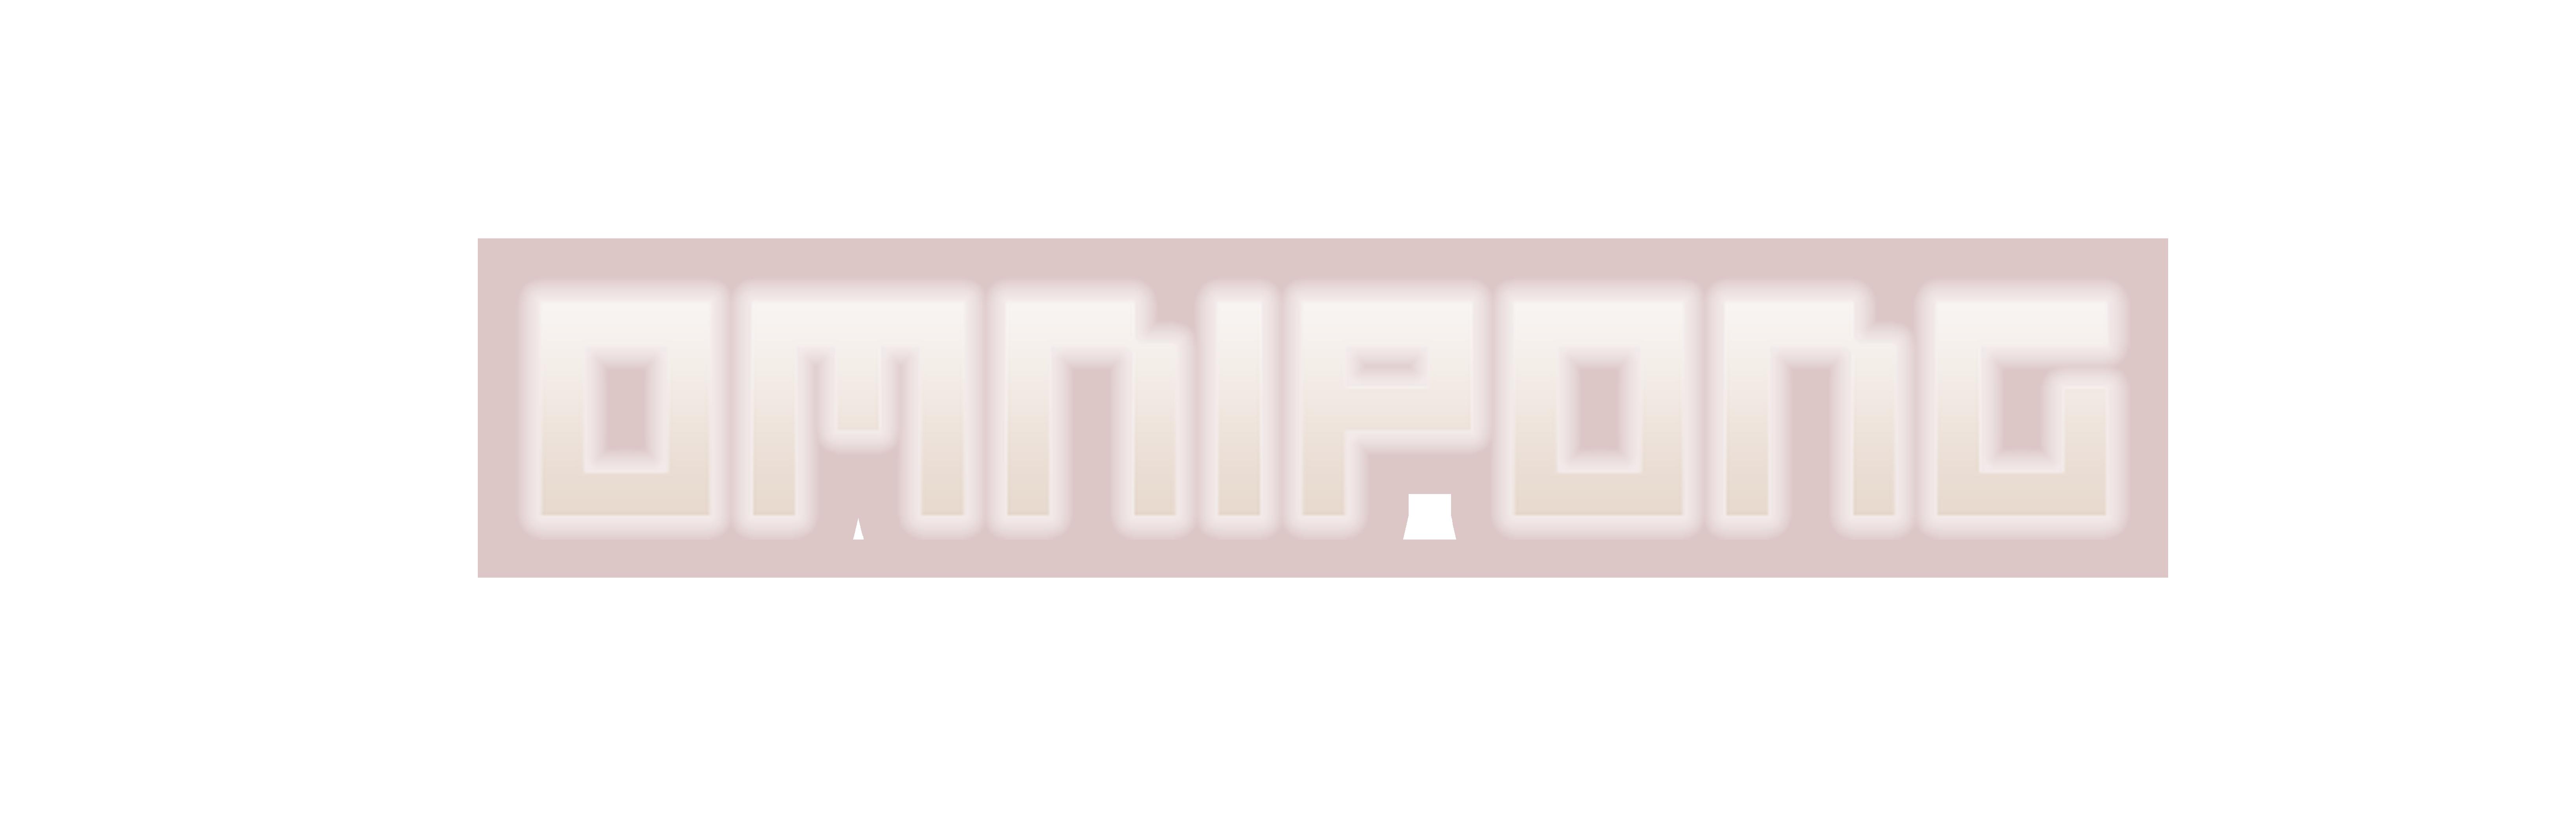 Omnipong